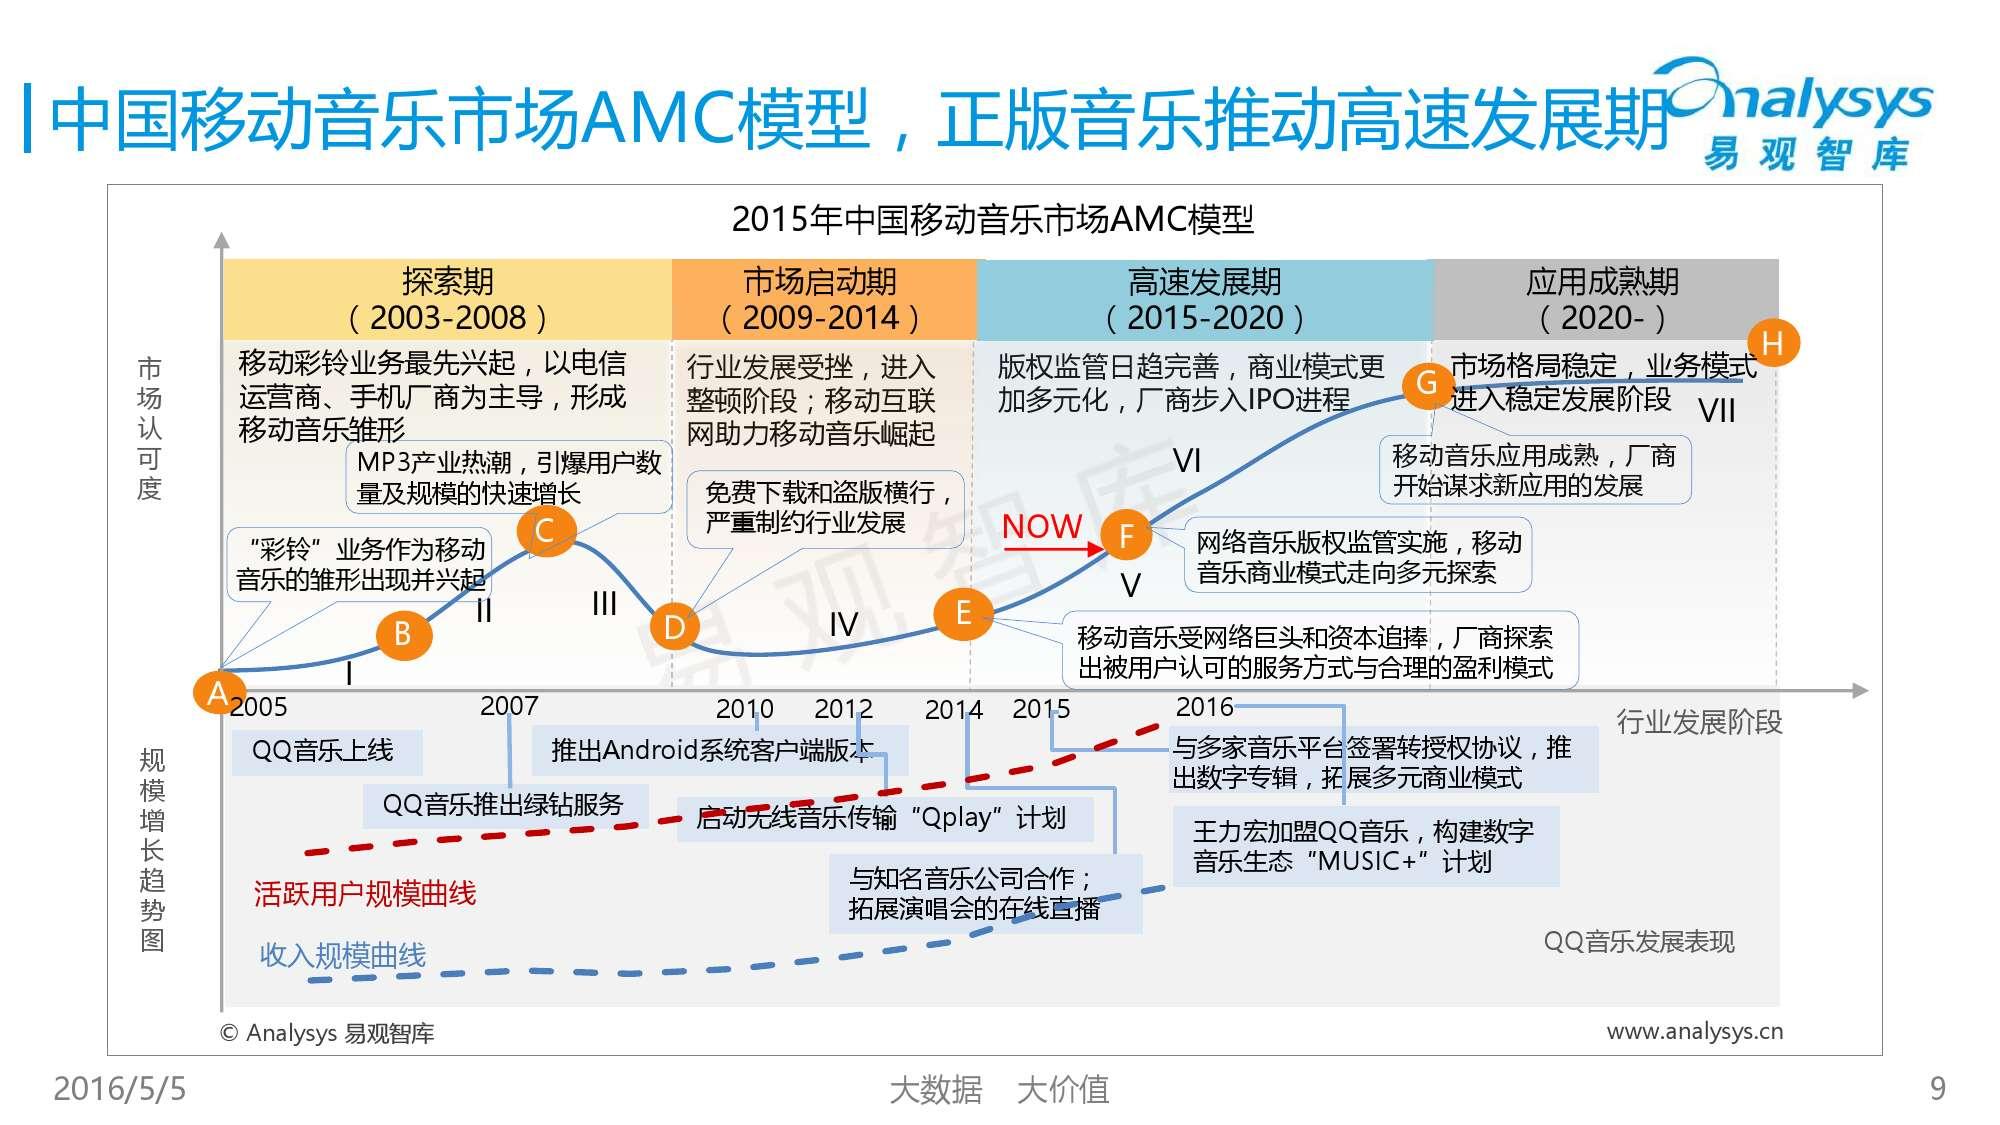 2016中国移动音乐市场年度综合报告_000009